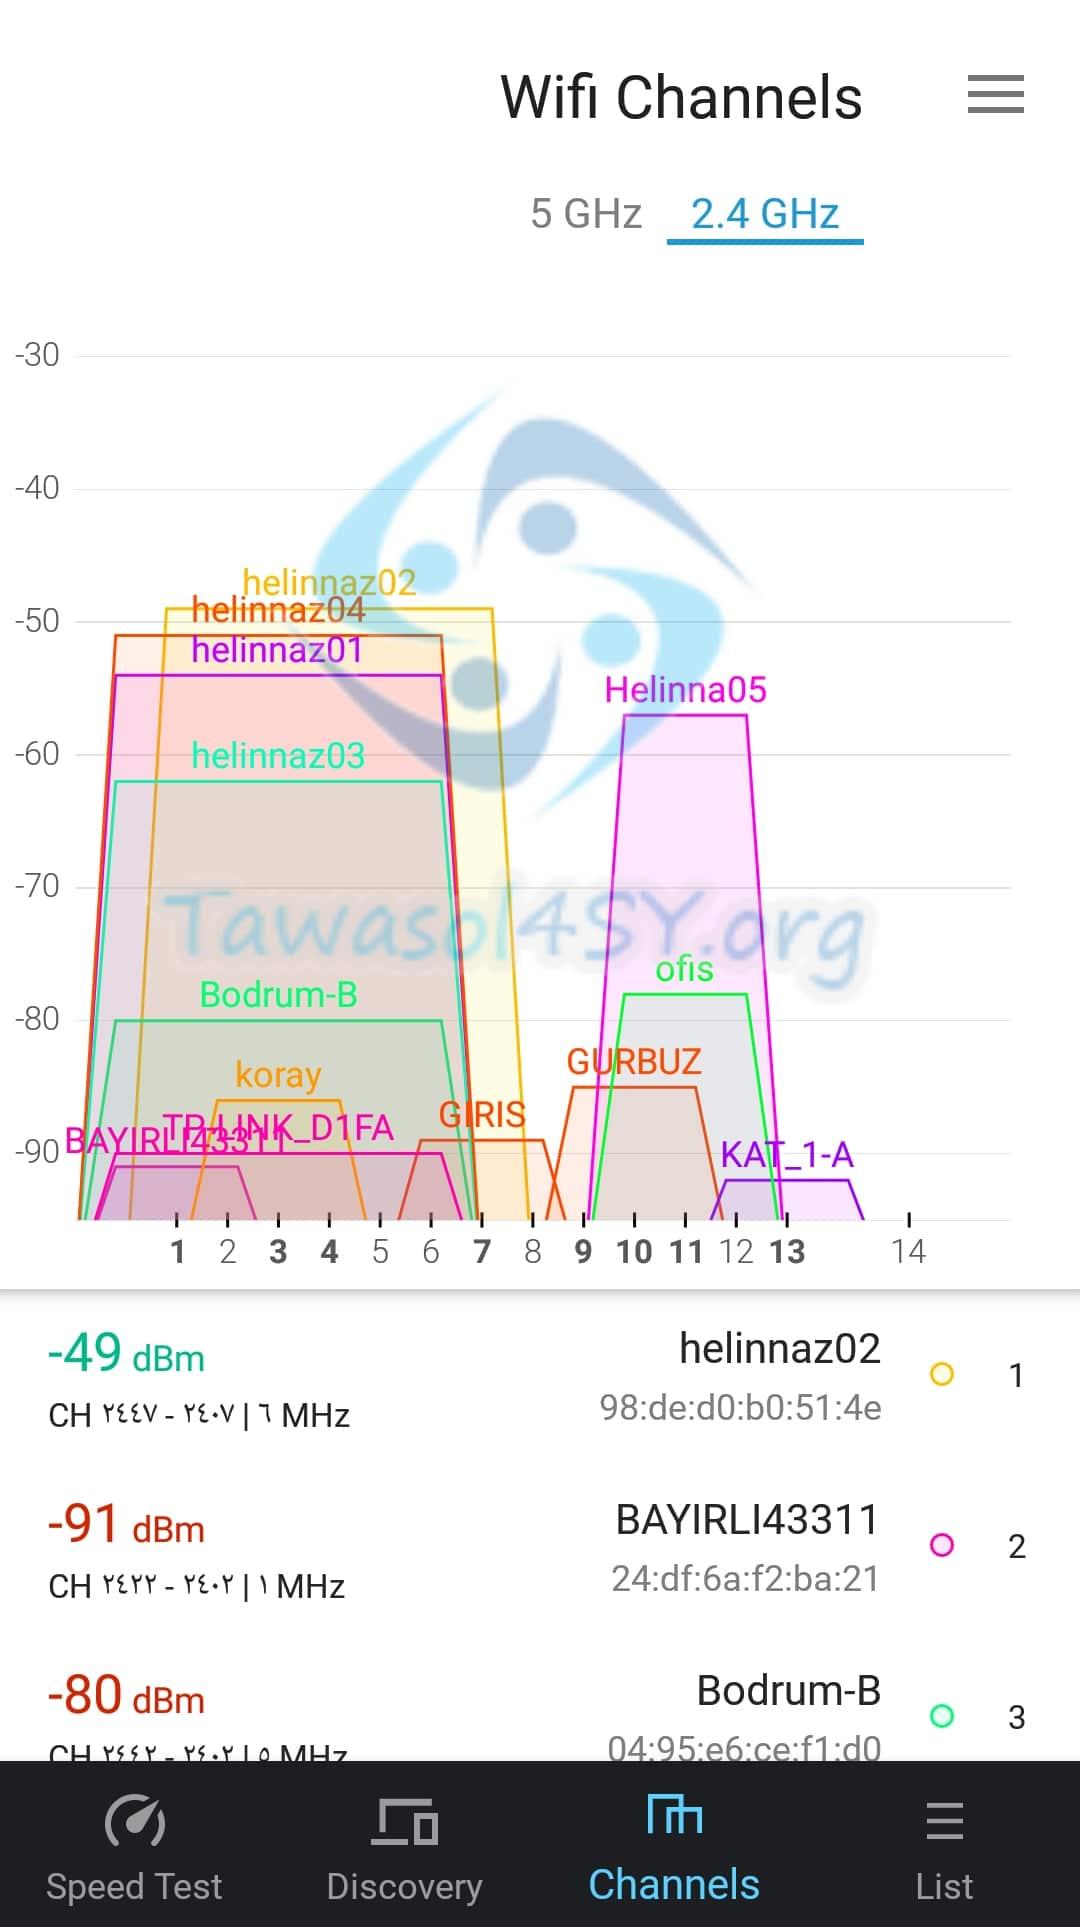 ادارة تحليل الترددات UBNT Mobile WiFiman للاندرويد